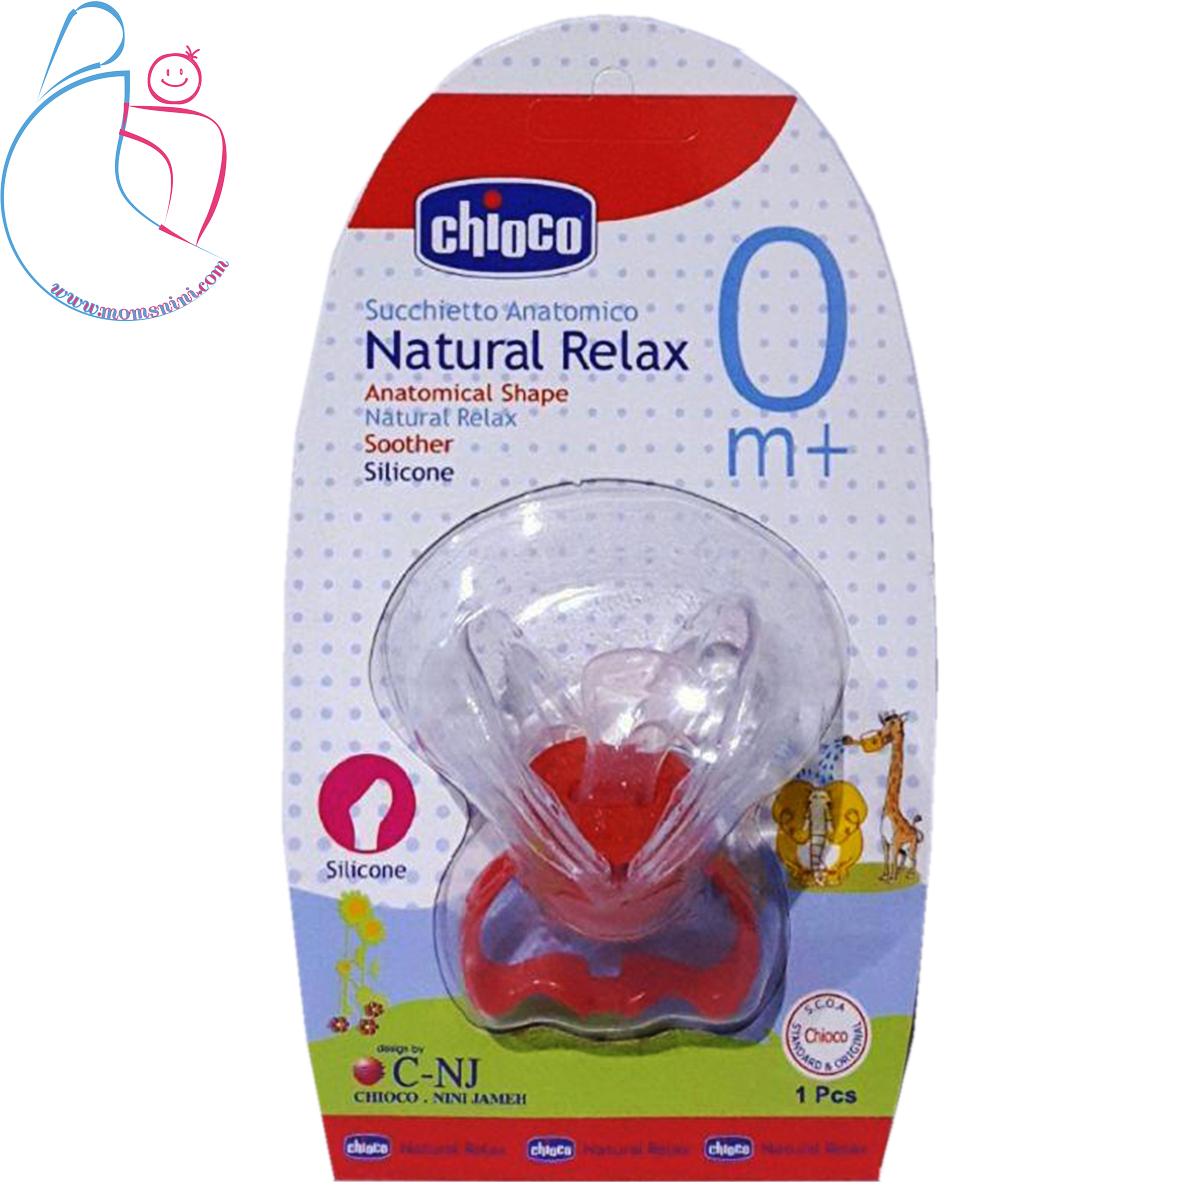 پستانک قفلی چیوکو chioco